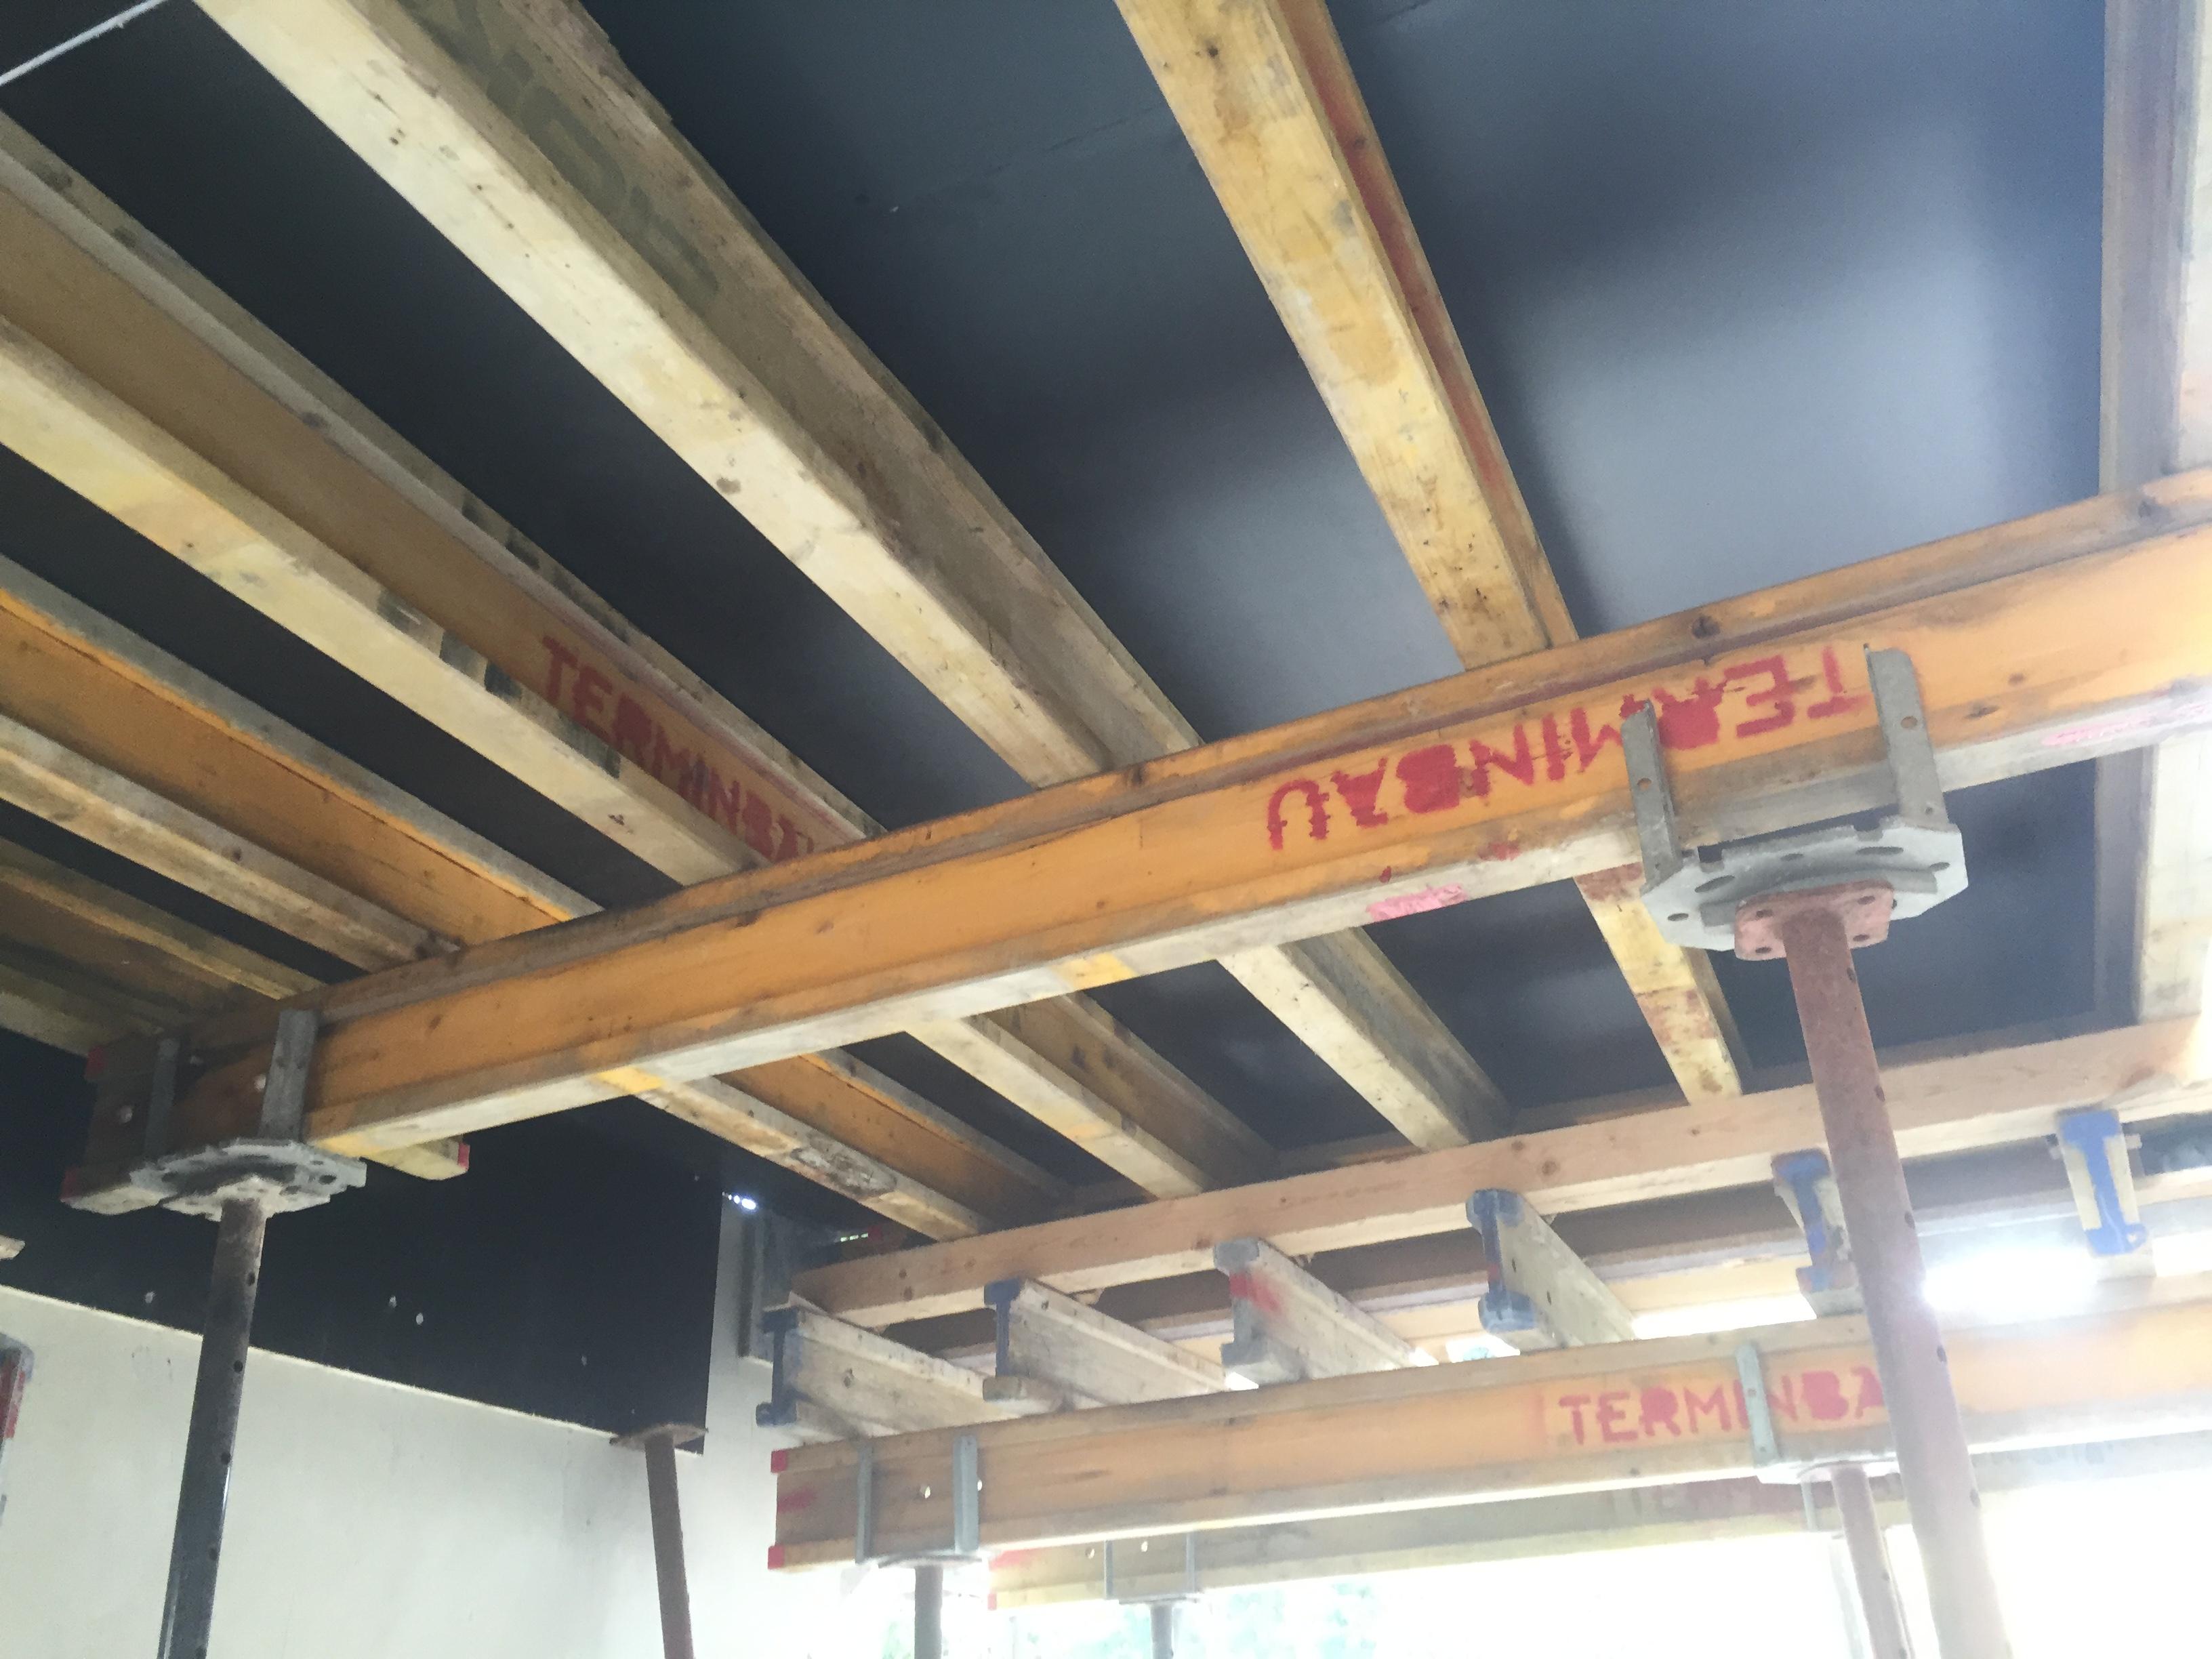 Sanierung eines Altbaus - Modernisierung und Sanierungsarbeiten an Ihrer Immobilie